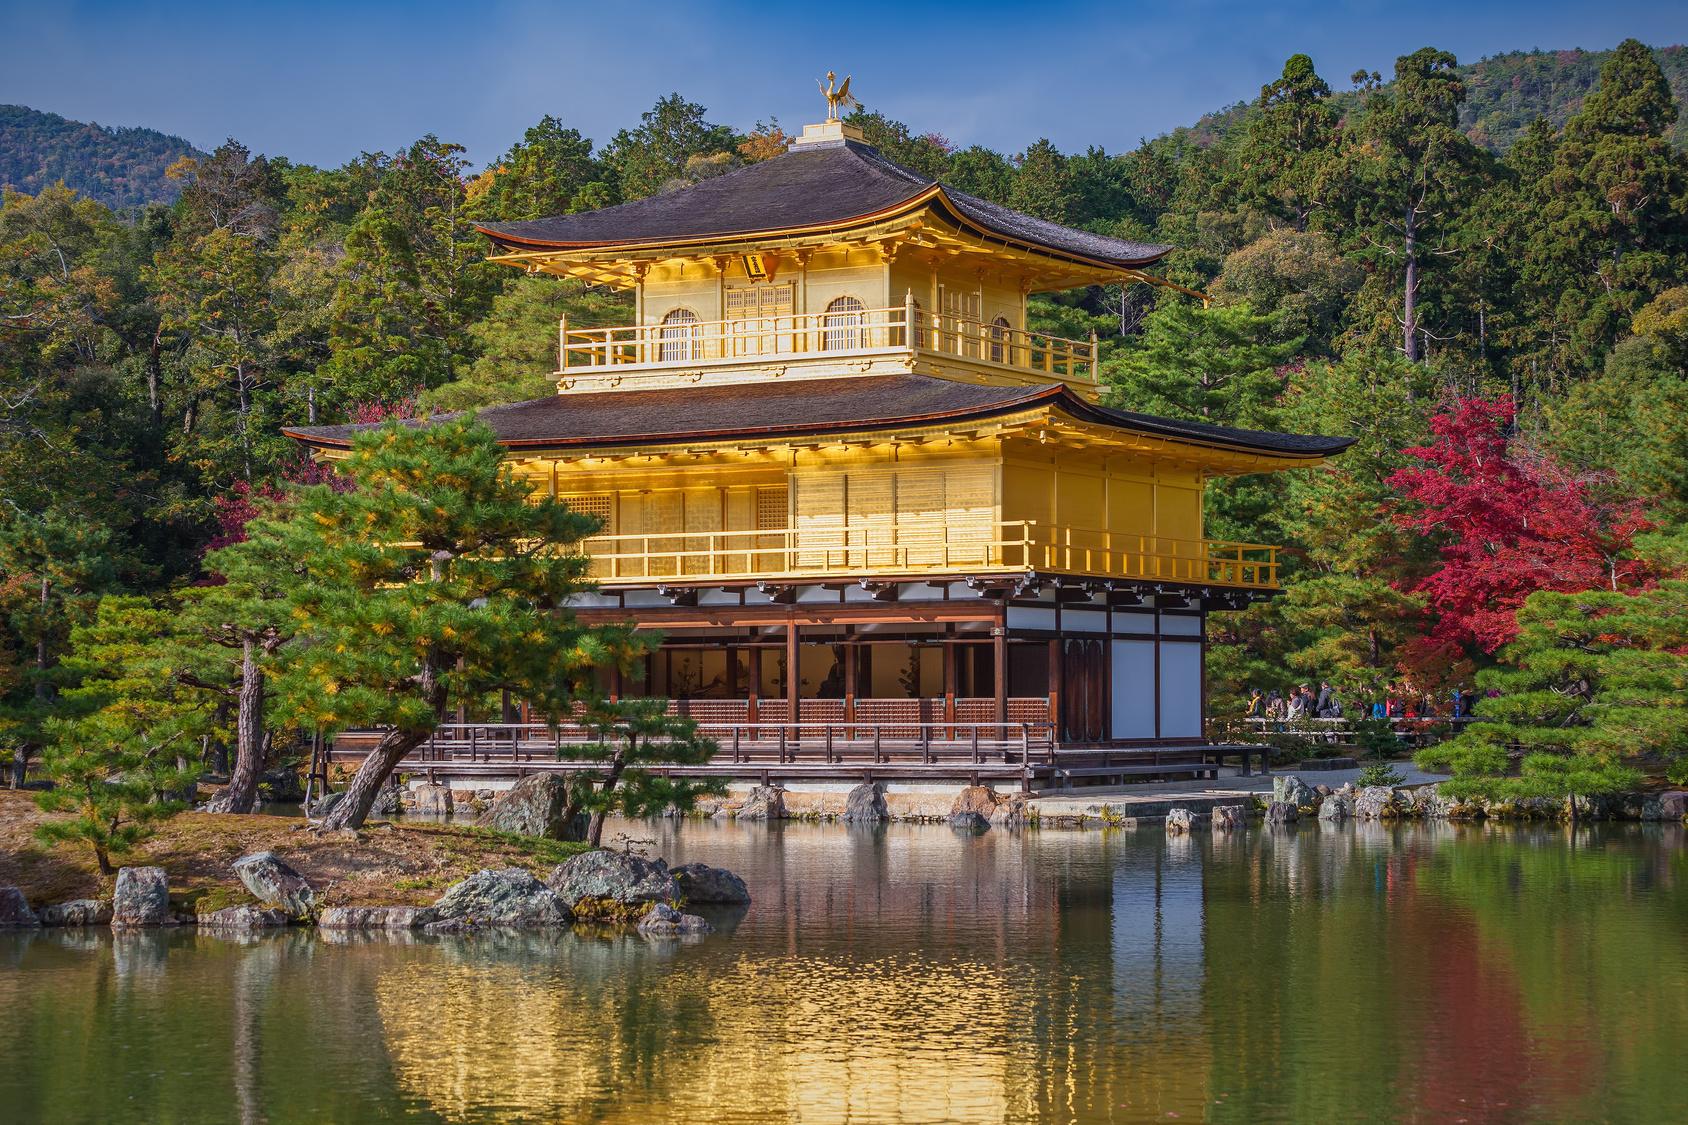 Der mit Blattgold versehene Goldene Pavillon in Kyoto glänzt im Sonnenlicht. Ein Wald erhebt sich im Hintergrund; im Vordergrund glitzert das Wasser eines Sees.